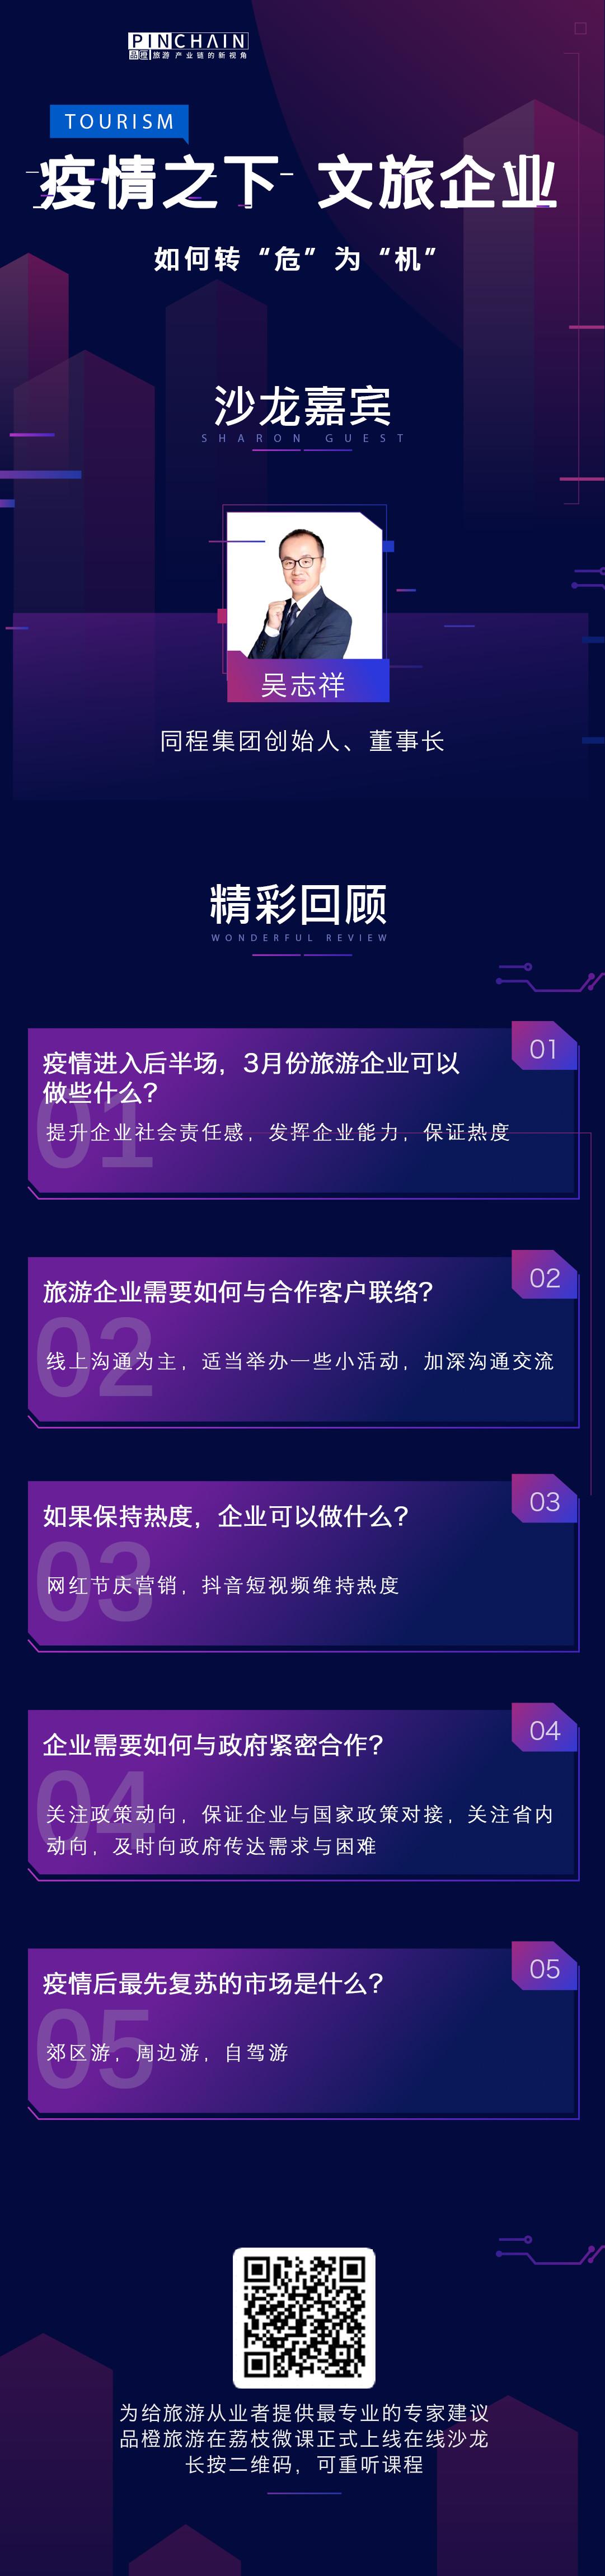 吴志祥:后新冠时期,文旅创业必做12事